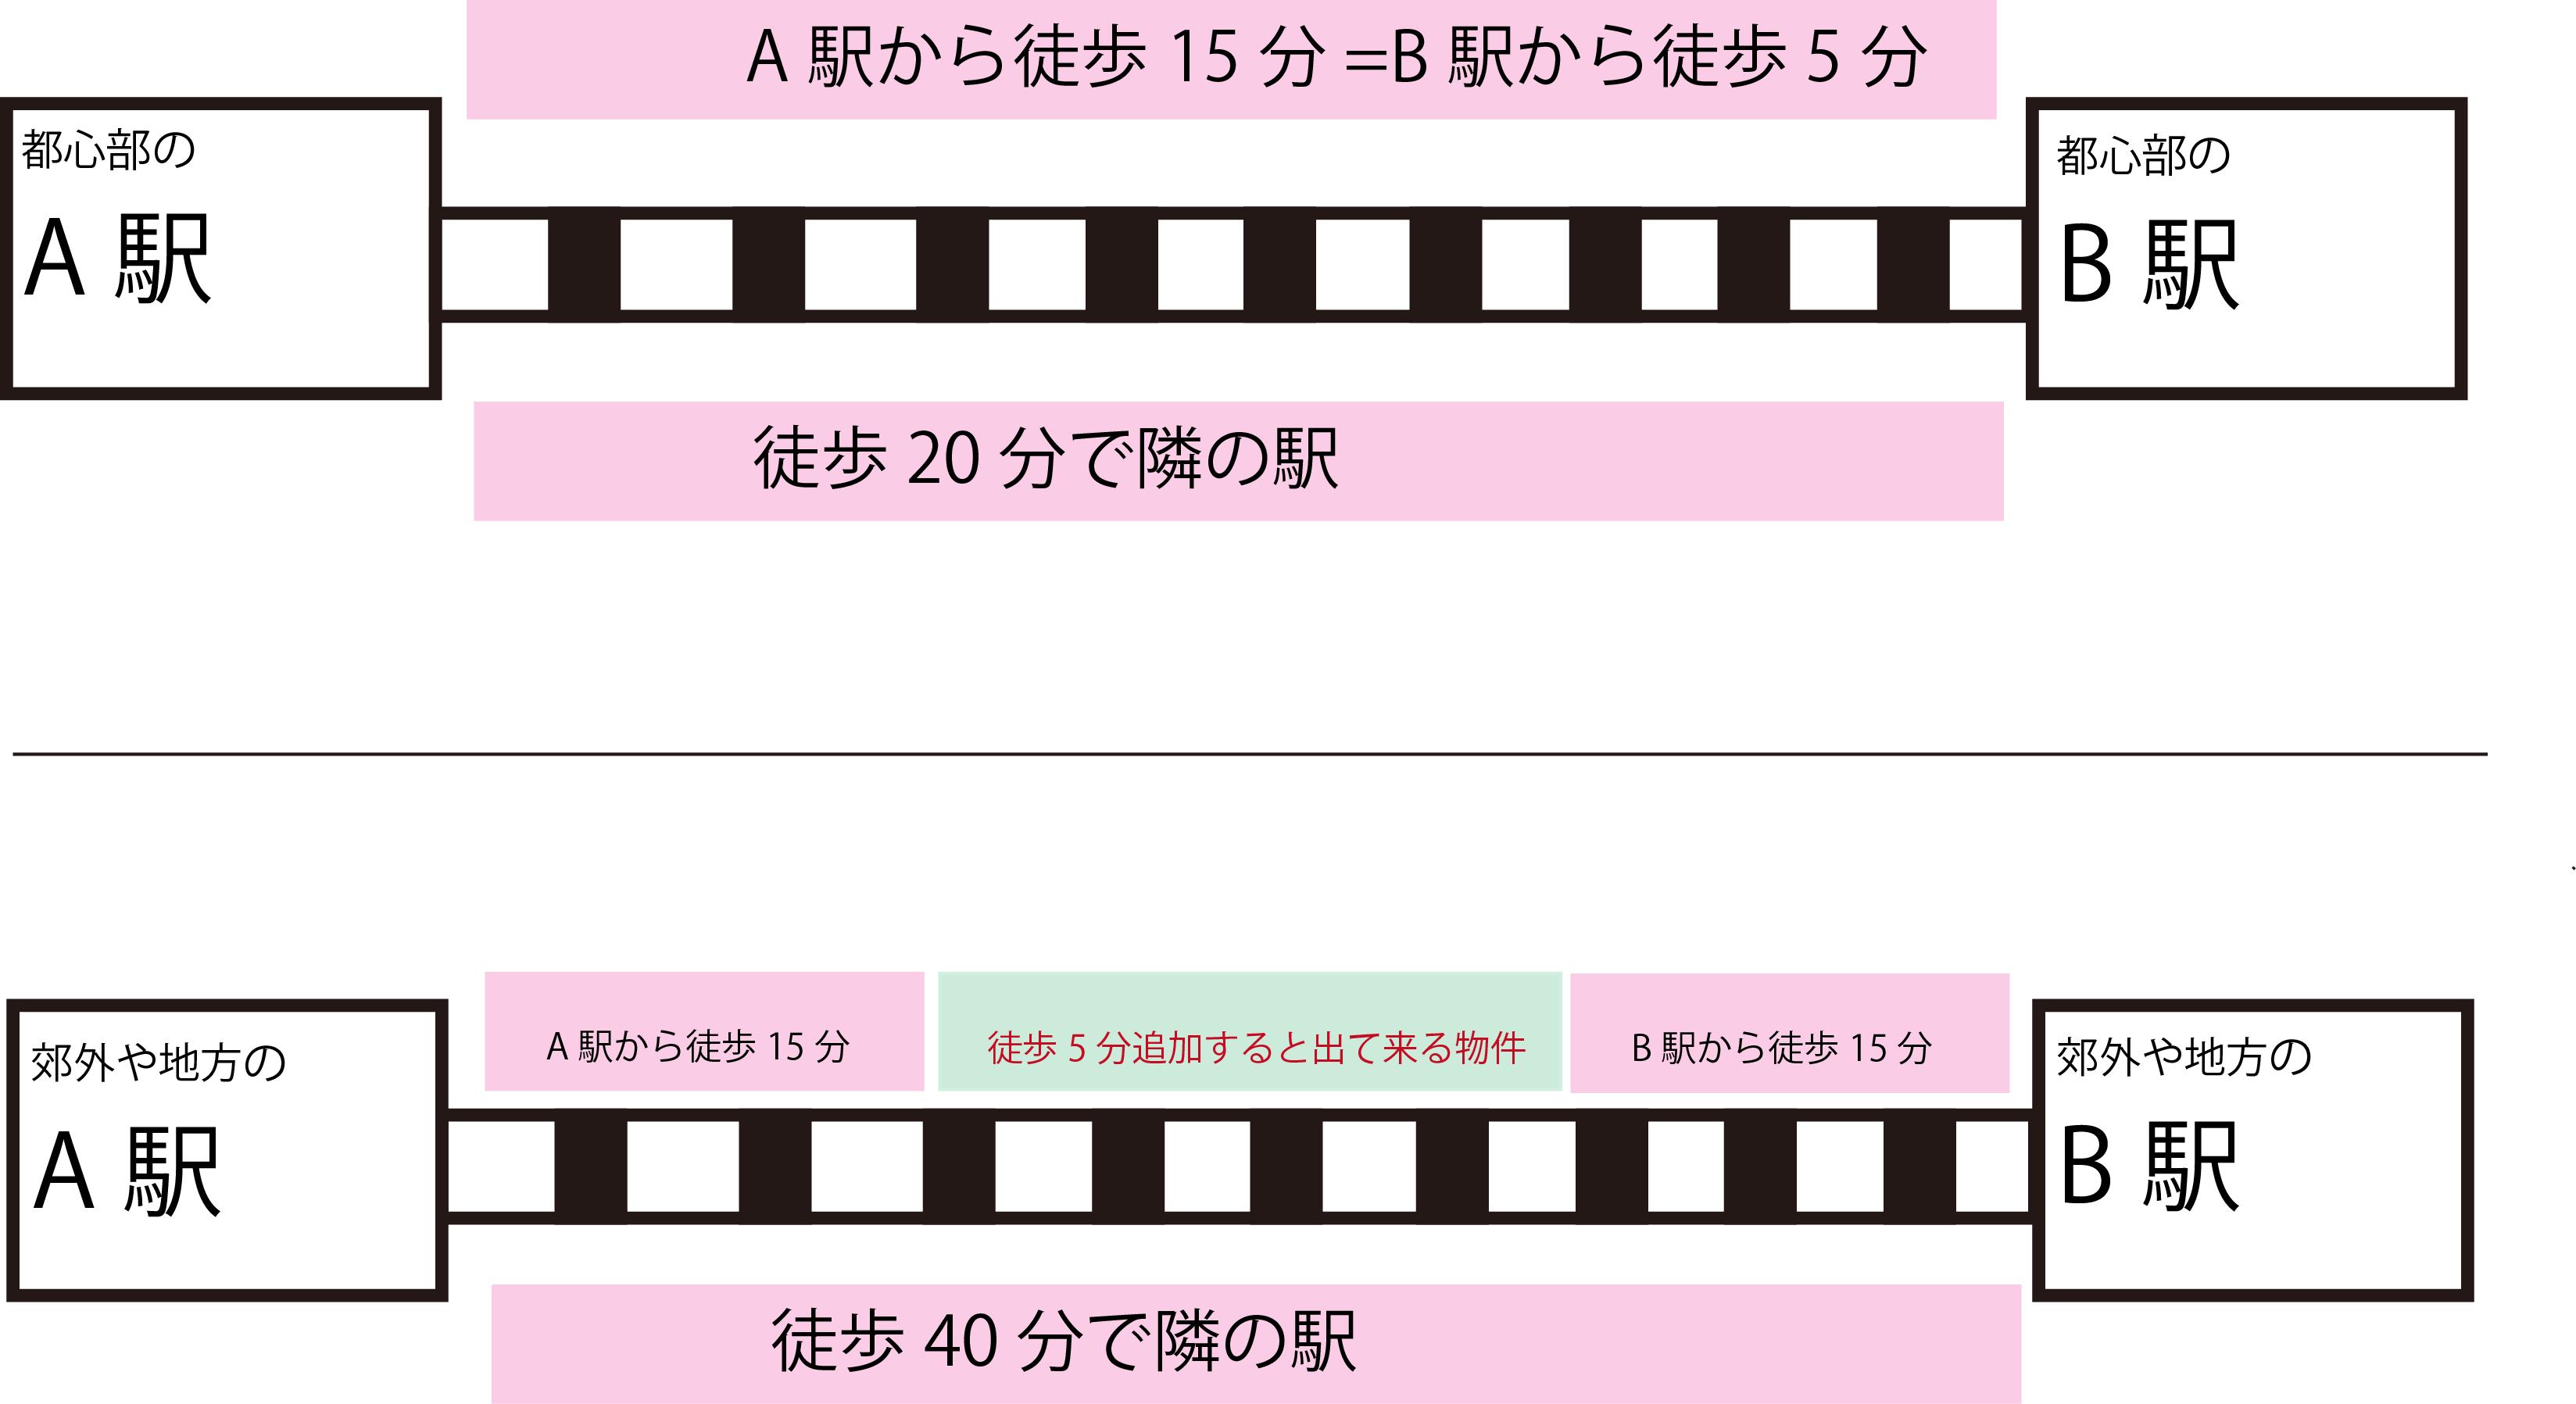 【アンケート】駅まで徒歩何分が許容範囲?